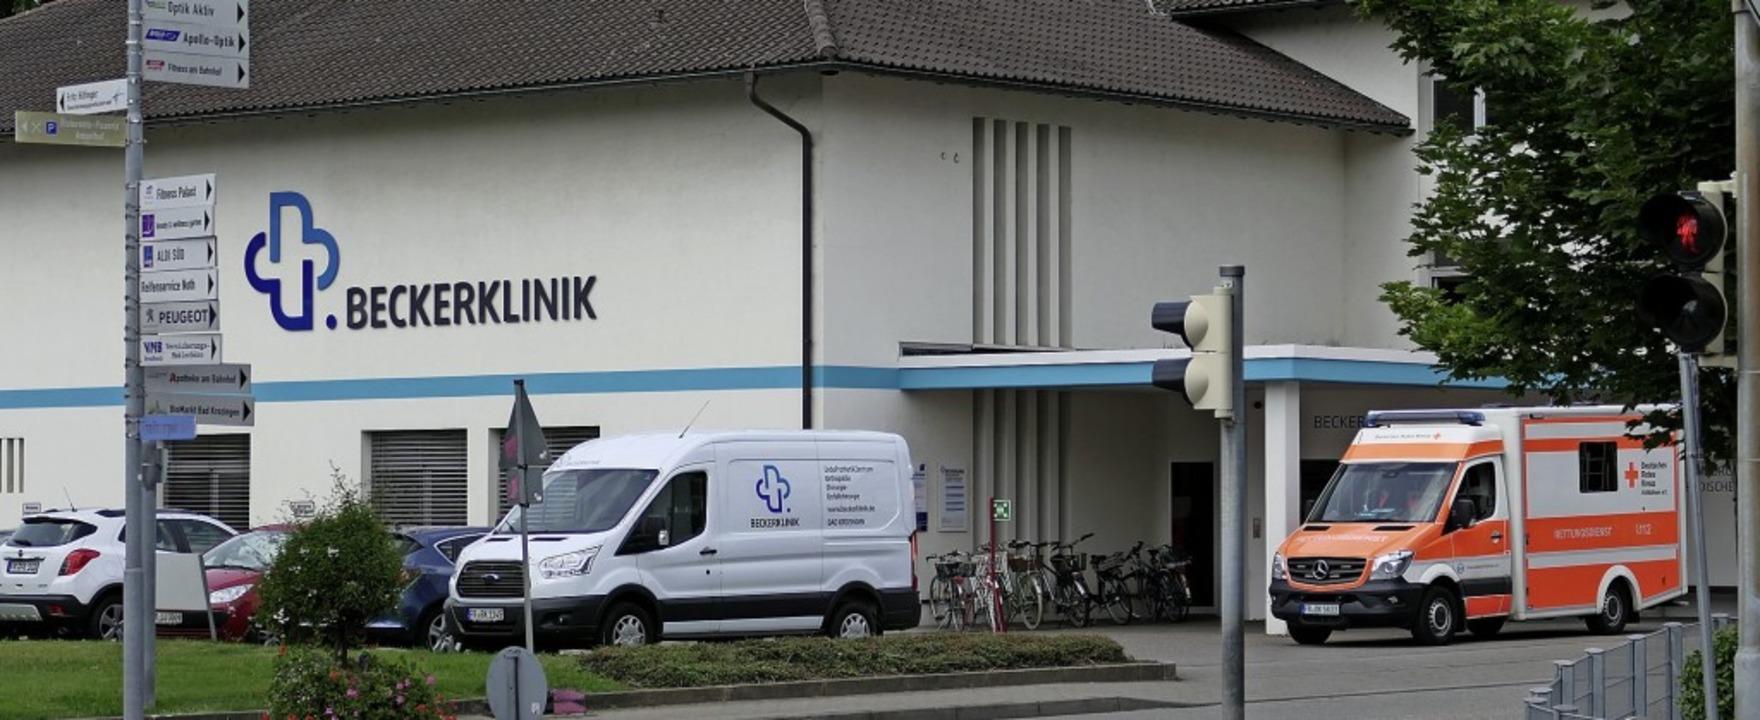 Die Beckerklinik in Bad Krozingen schränkt ihre Notfallversorgung ab Juli ein.   | Foto: Hans-Peter Müller